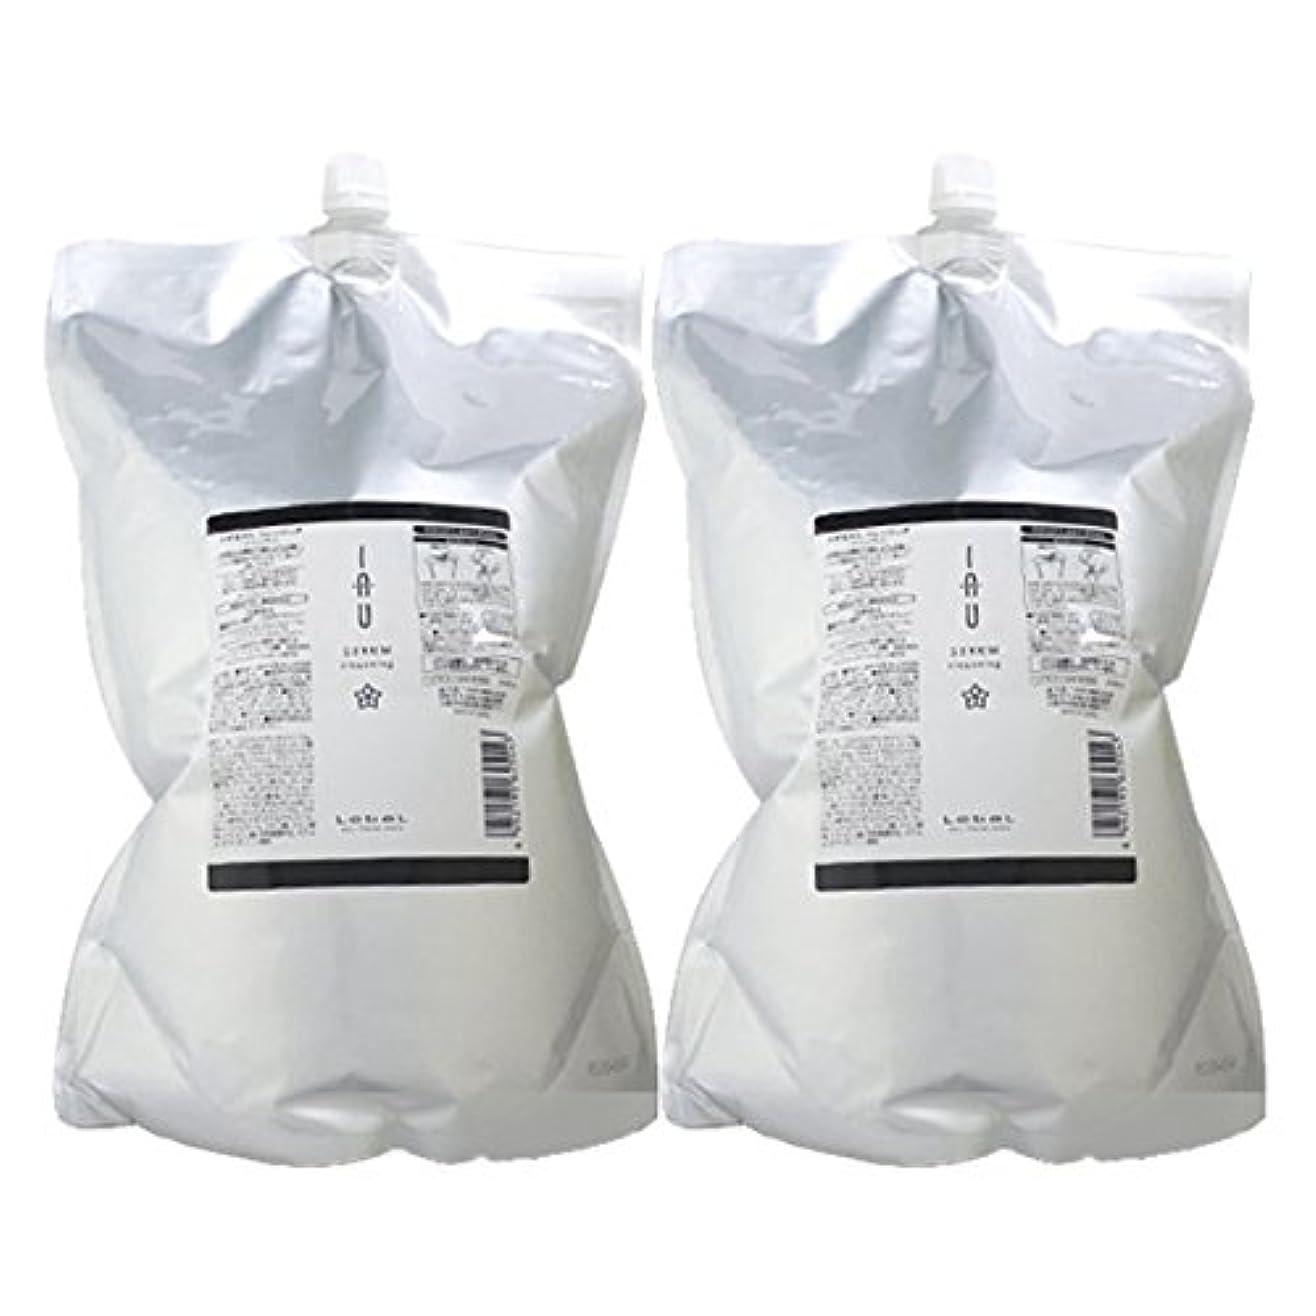 お酒せがむヨーグルトルベル イオ セラム クレンジング(シャンプー) 2500mL × 2個セット lebel iau serum